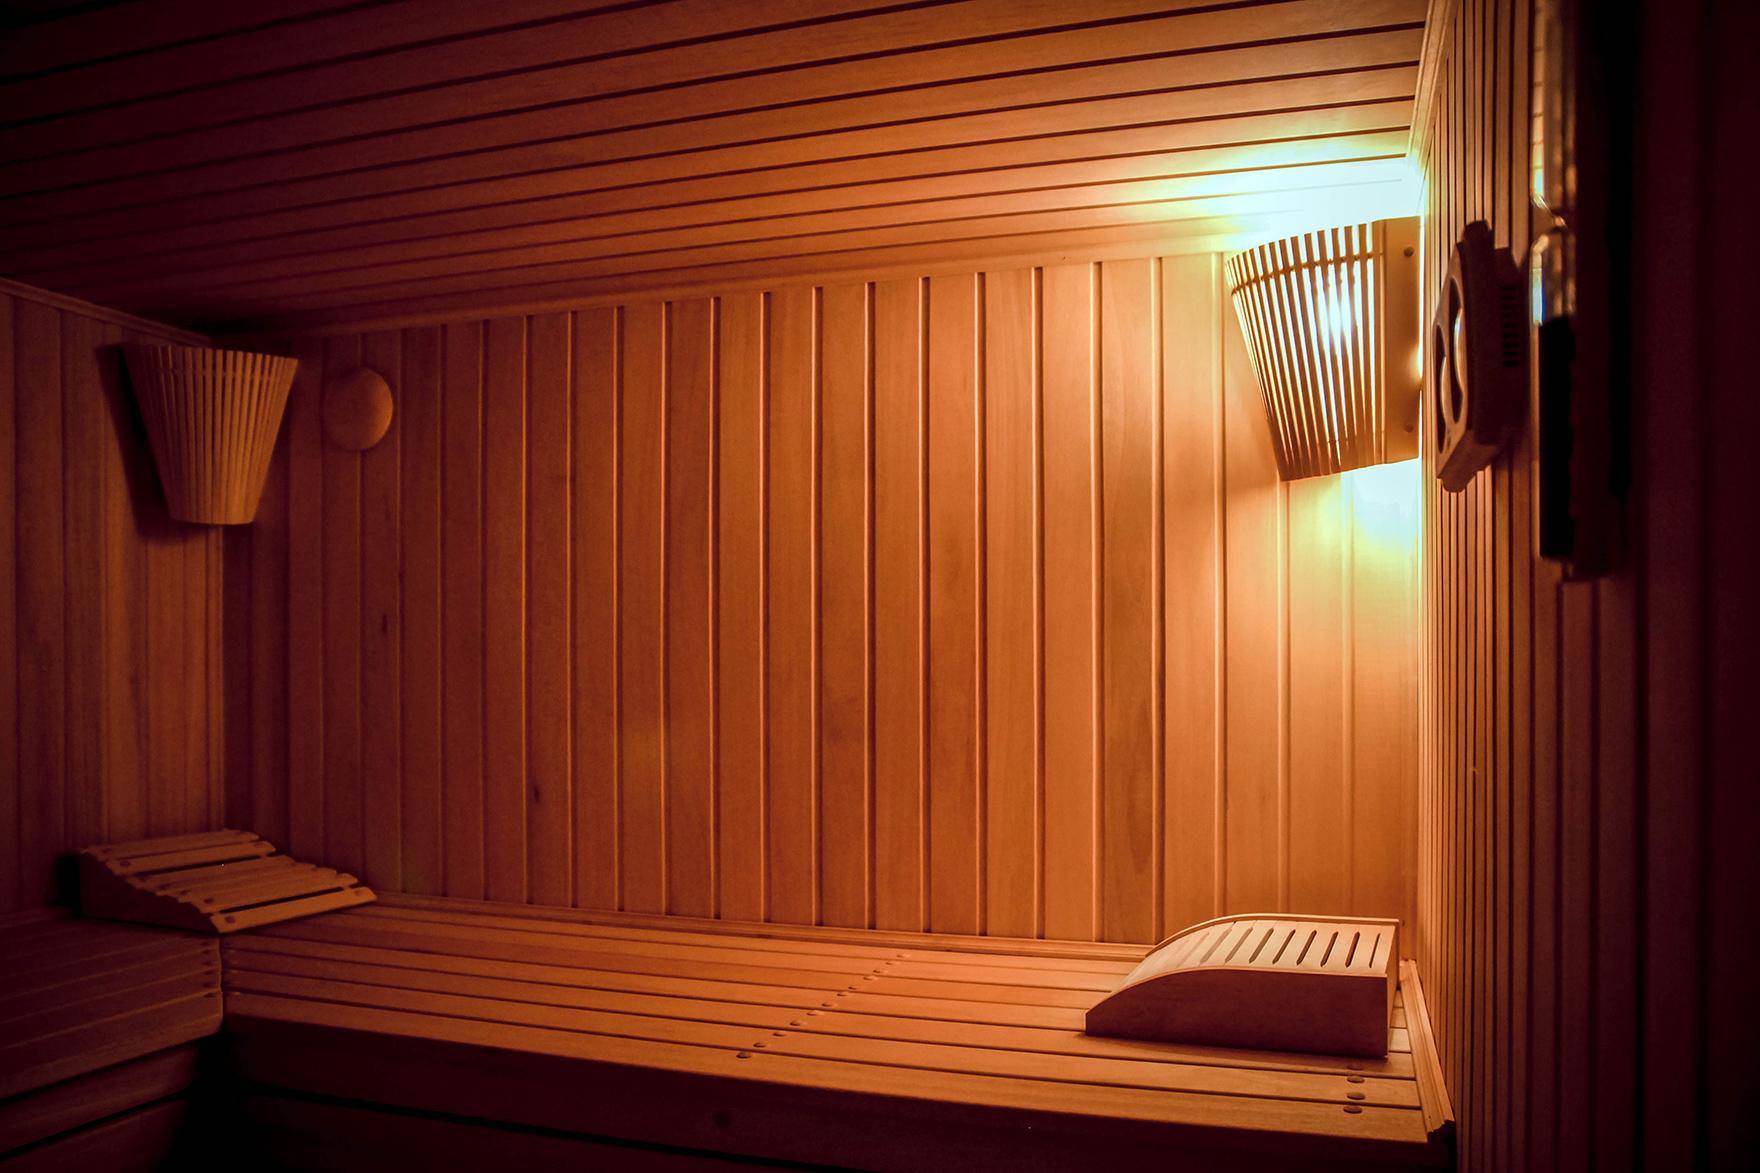 Освещение в бане своими руками: светильники, оптоволокно - фото, видео